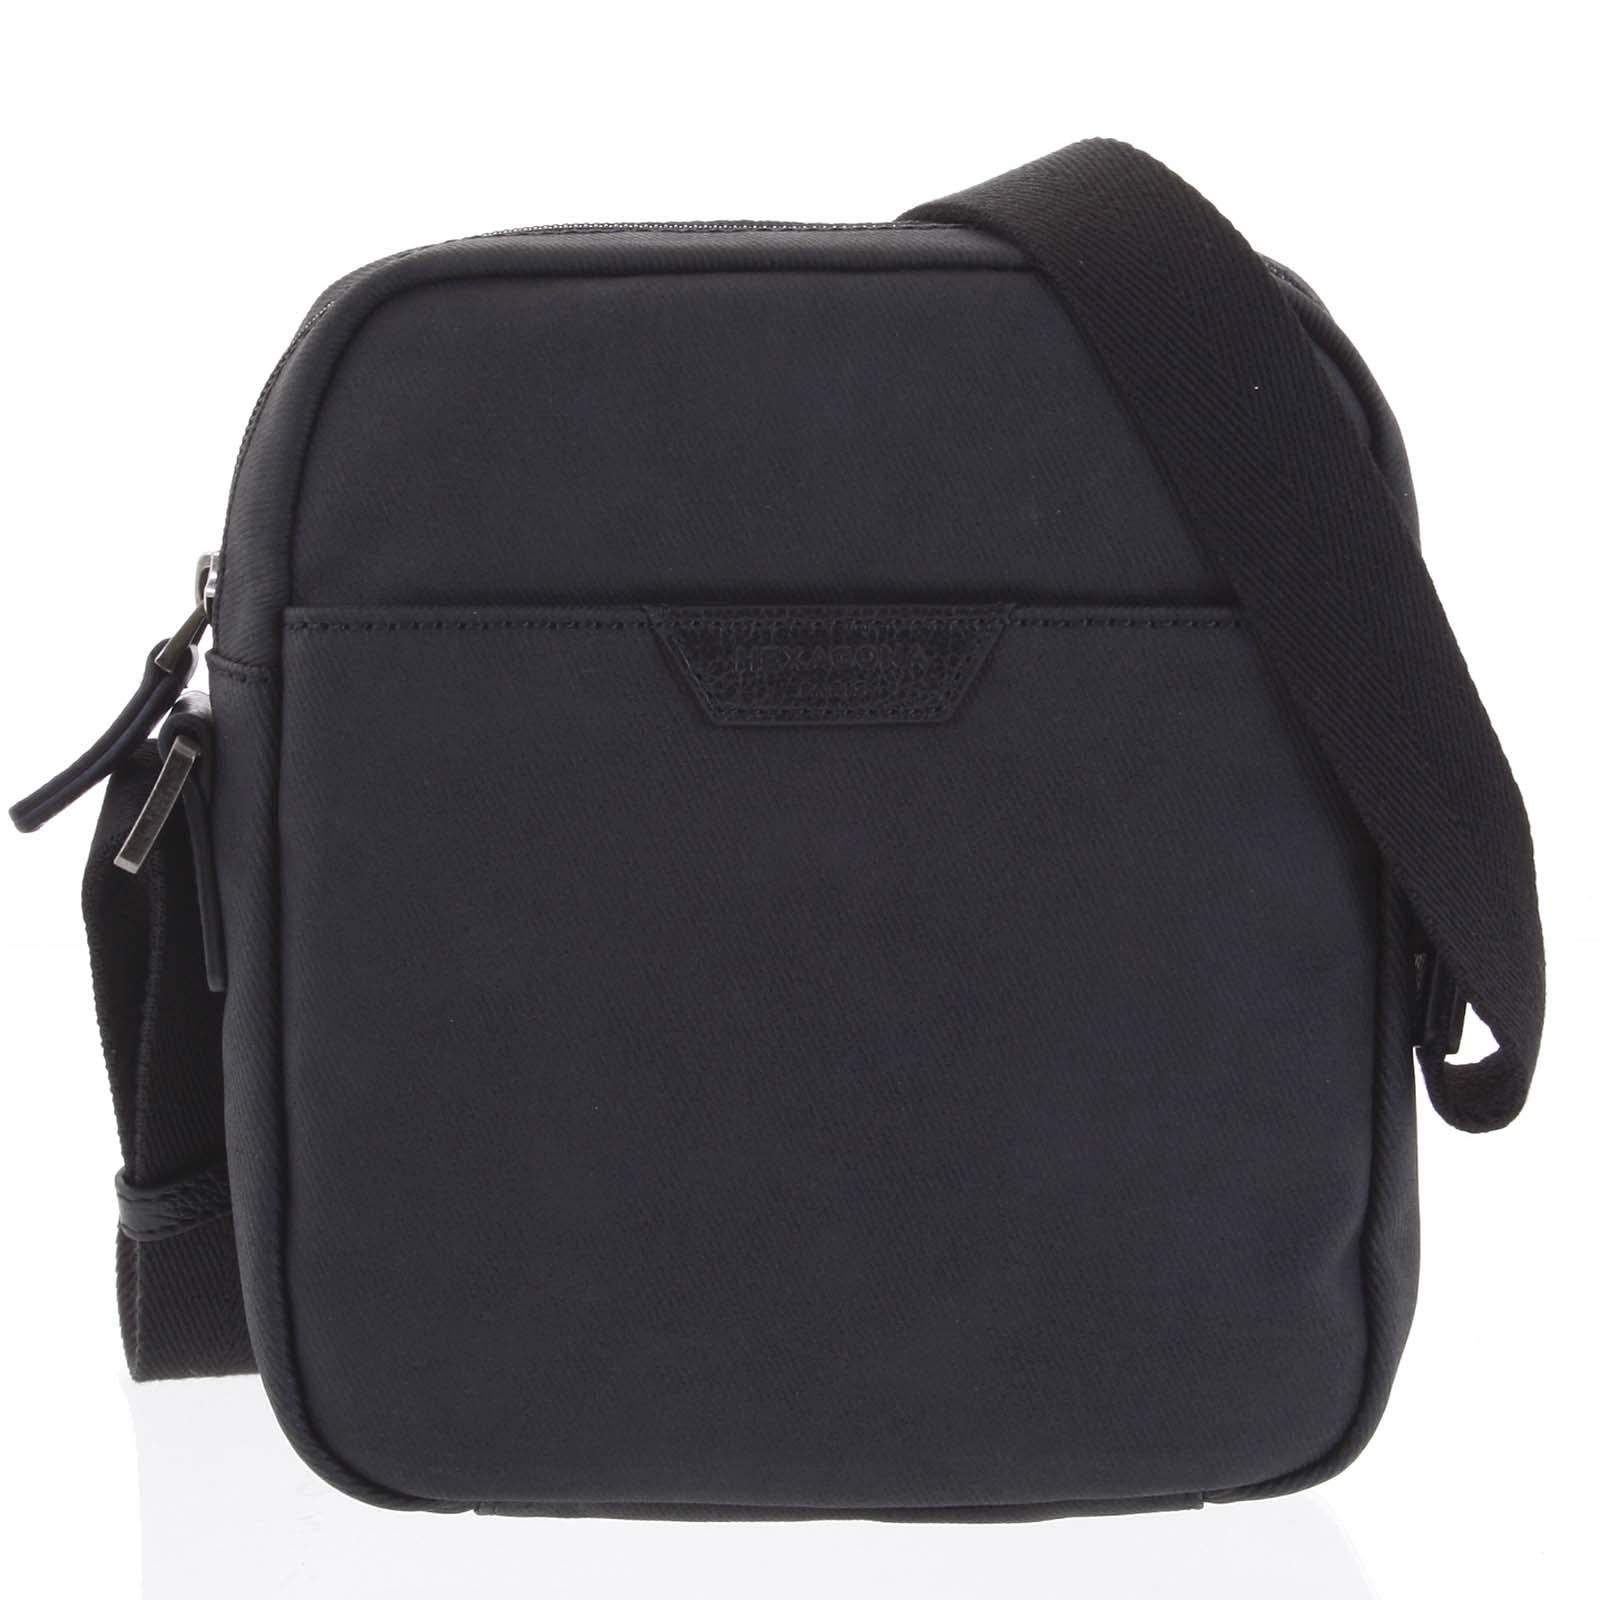 Pánská taška přes rameno černá - Hexagona Clark černá